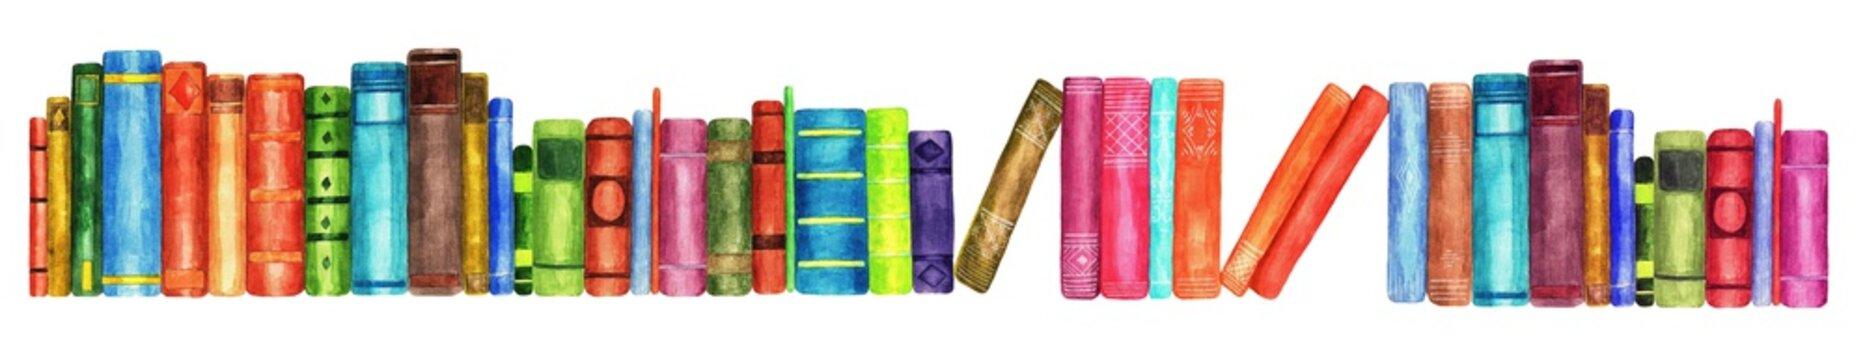 Books, watercolor (4)